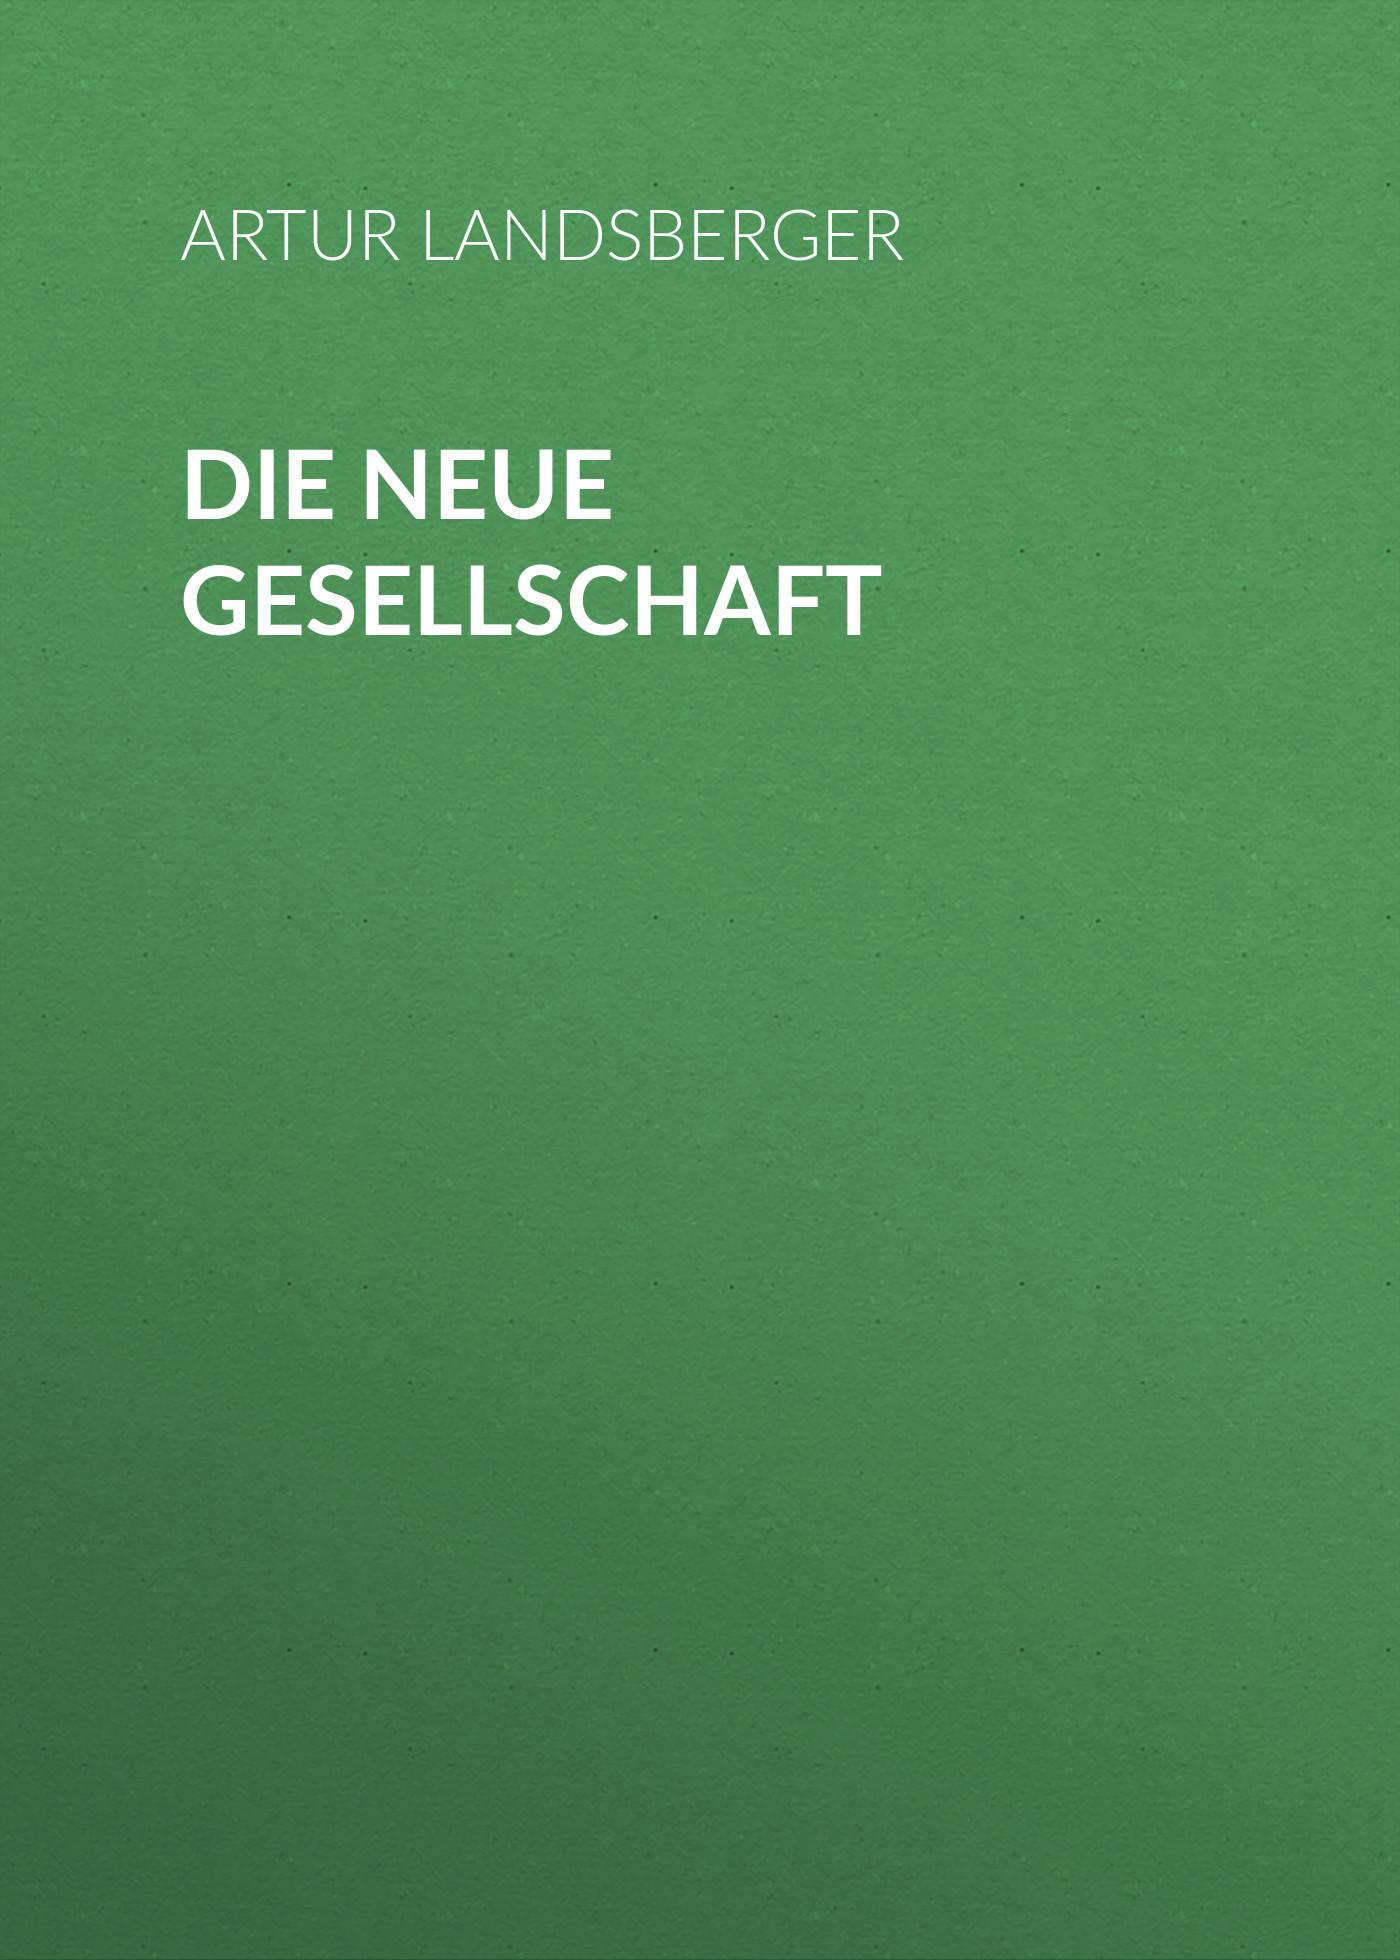 Artur Landsberger Die neue Gesellschaft